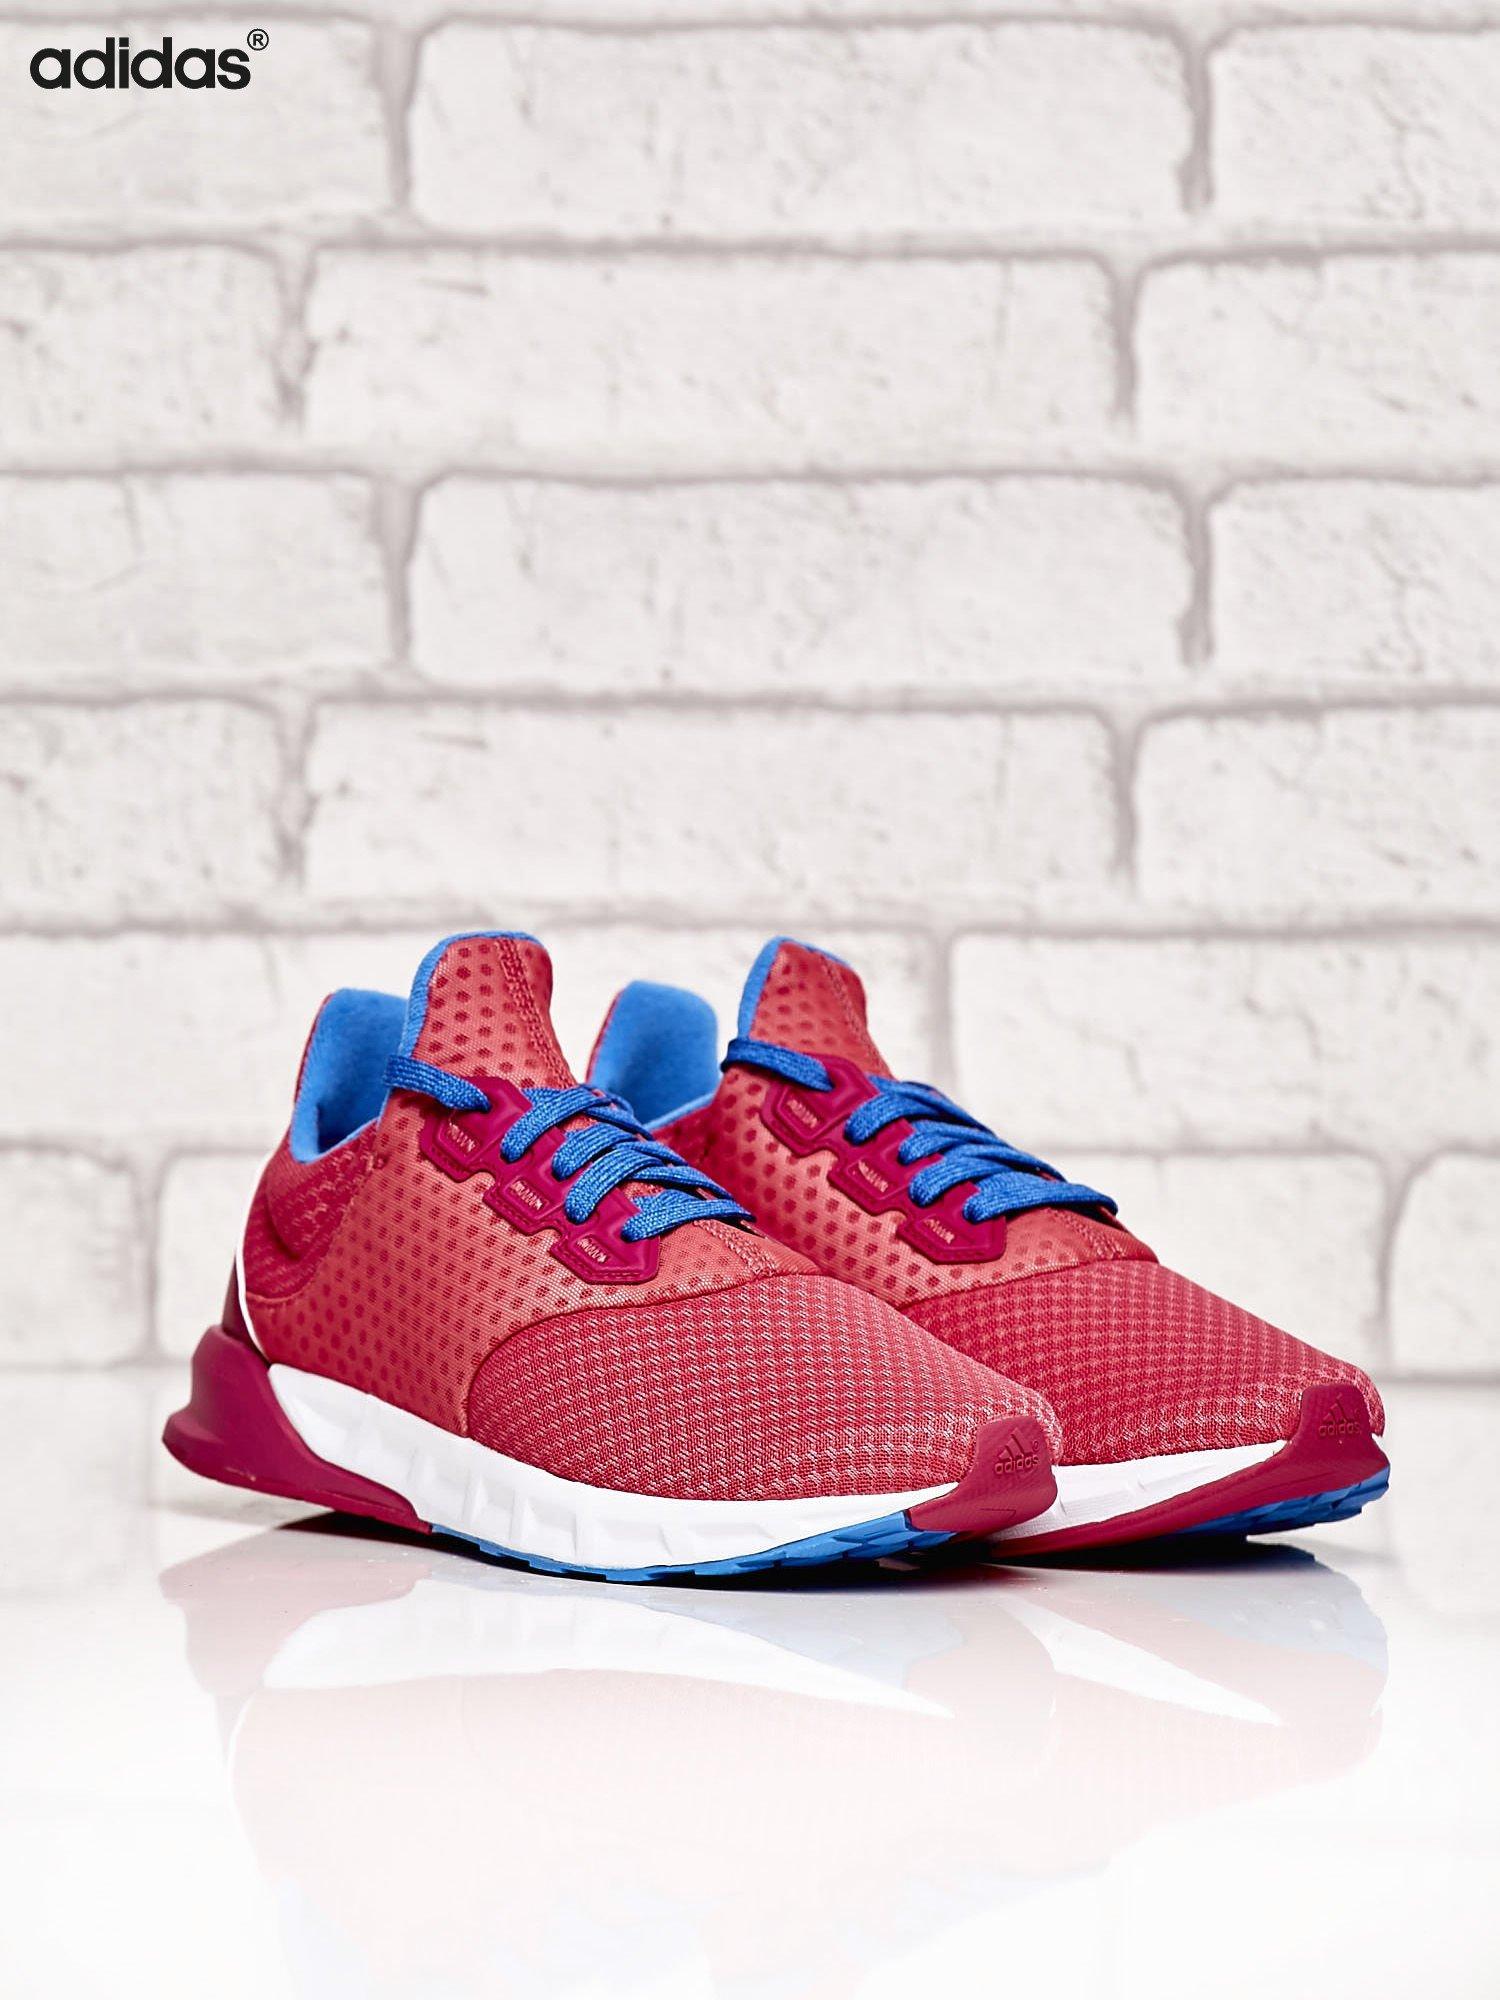 ADIDAS różowe buty sportowe Falcon Elite 5 XJ z kolorowymi sznurówkami